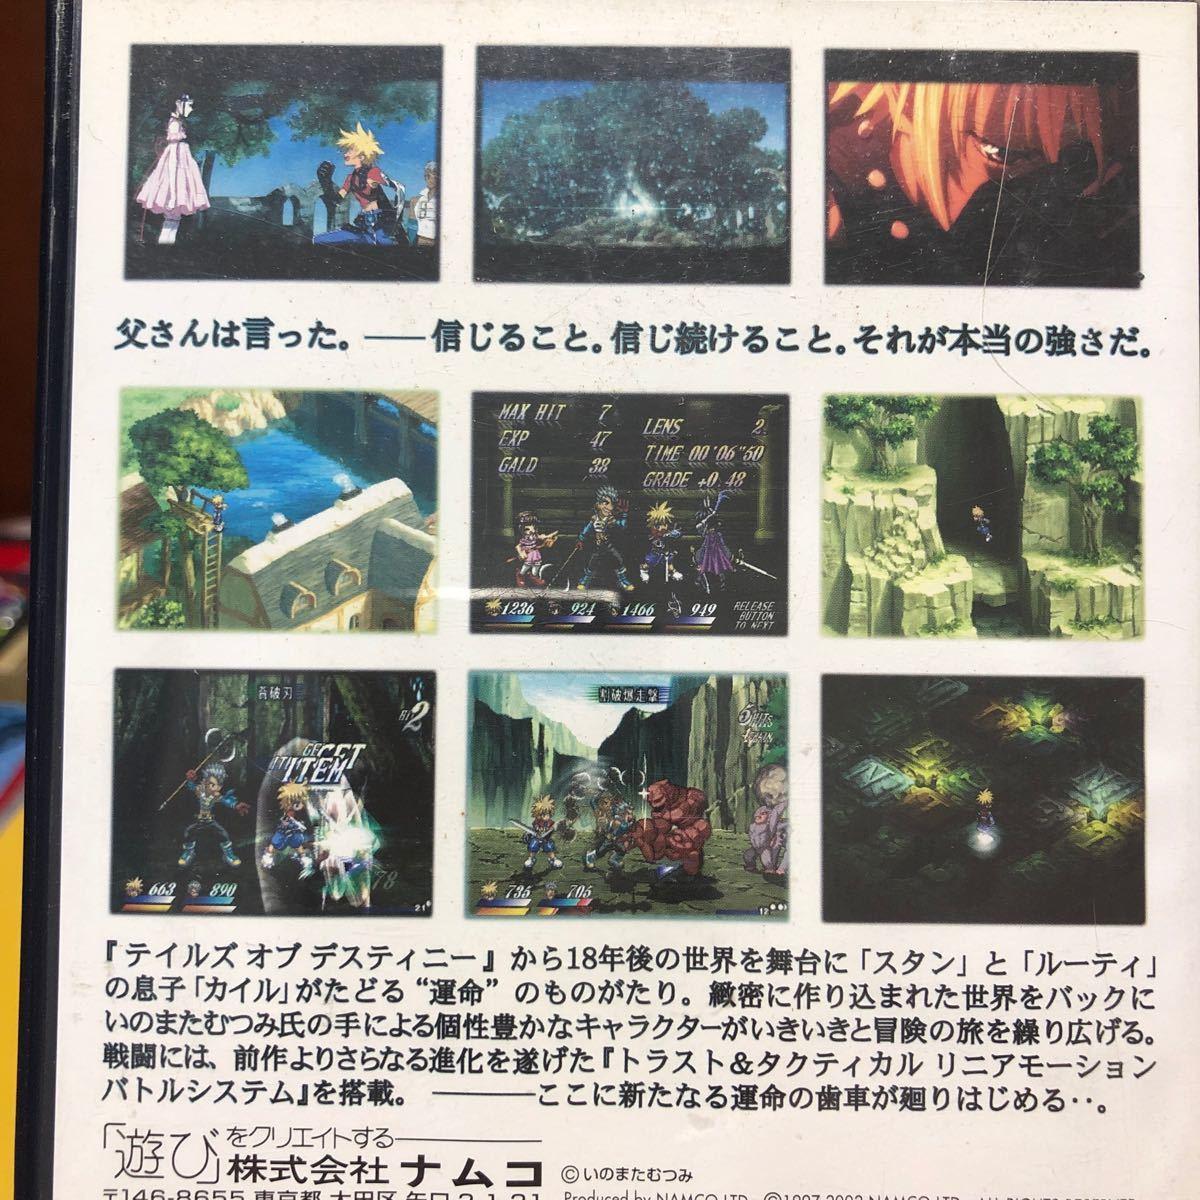 【PS2】 テイルズ オブ デスティニー2